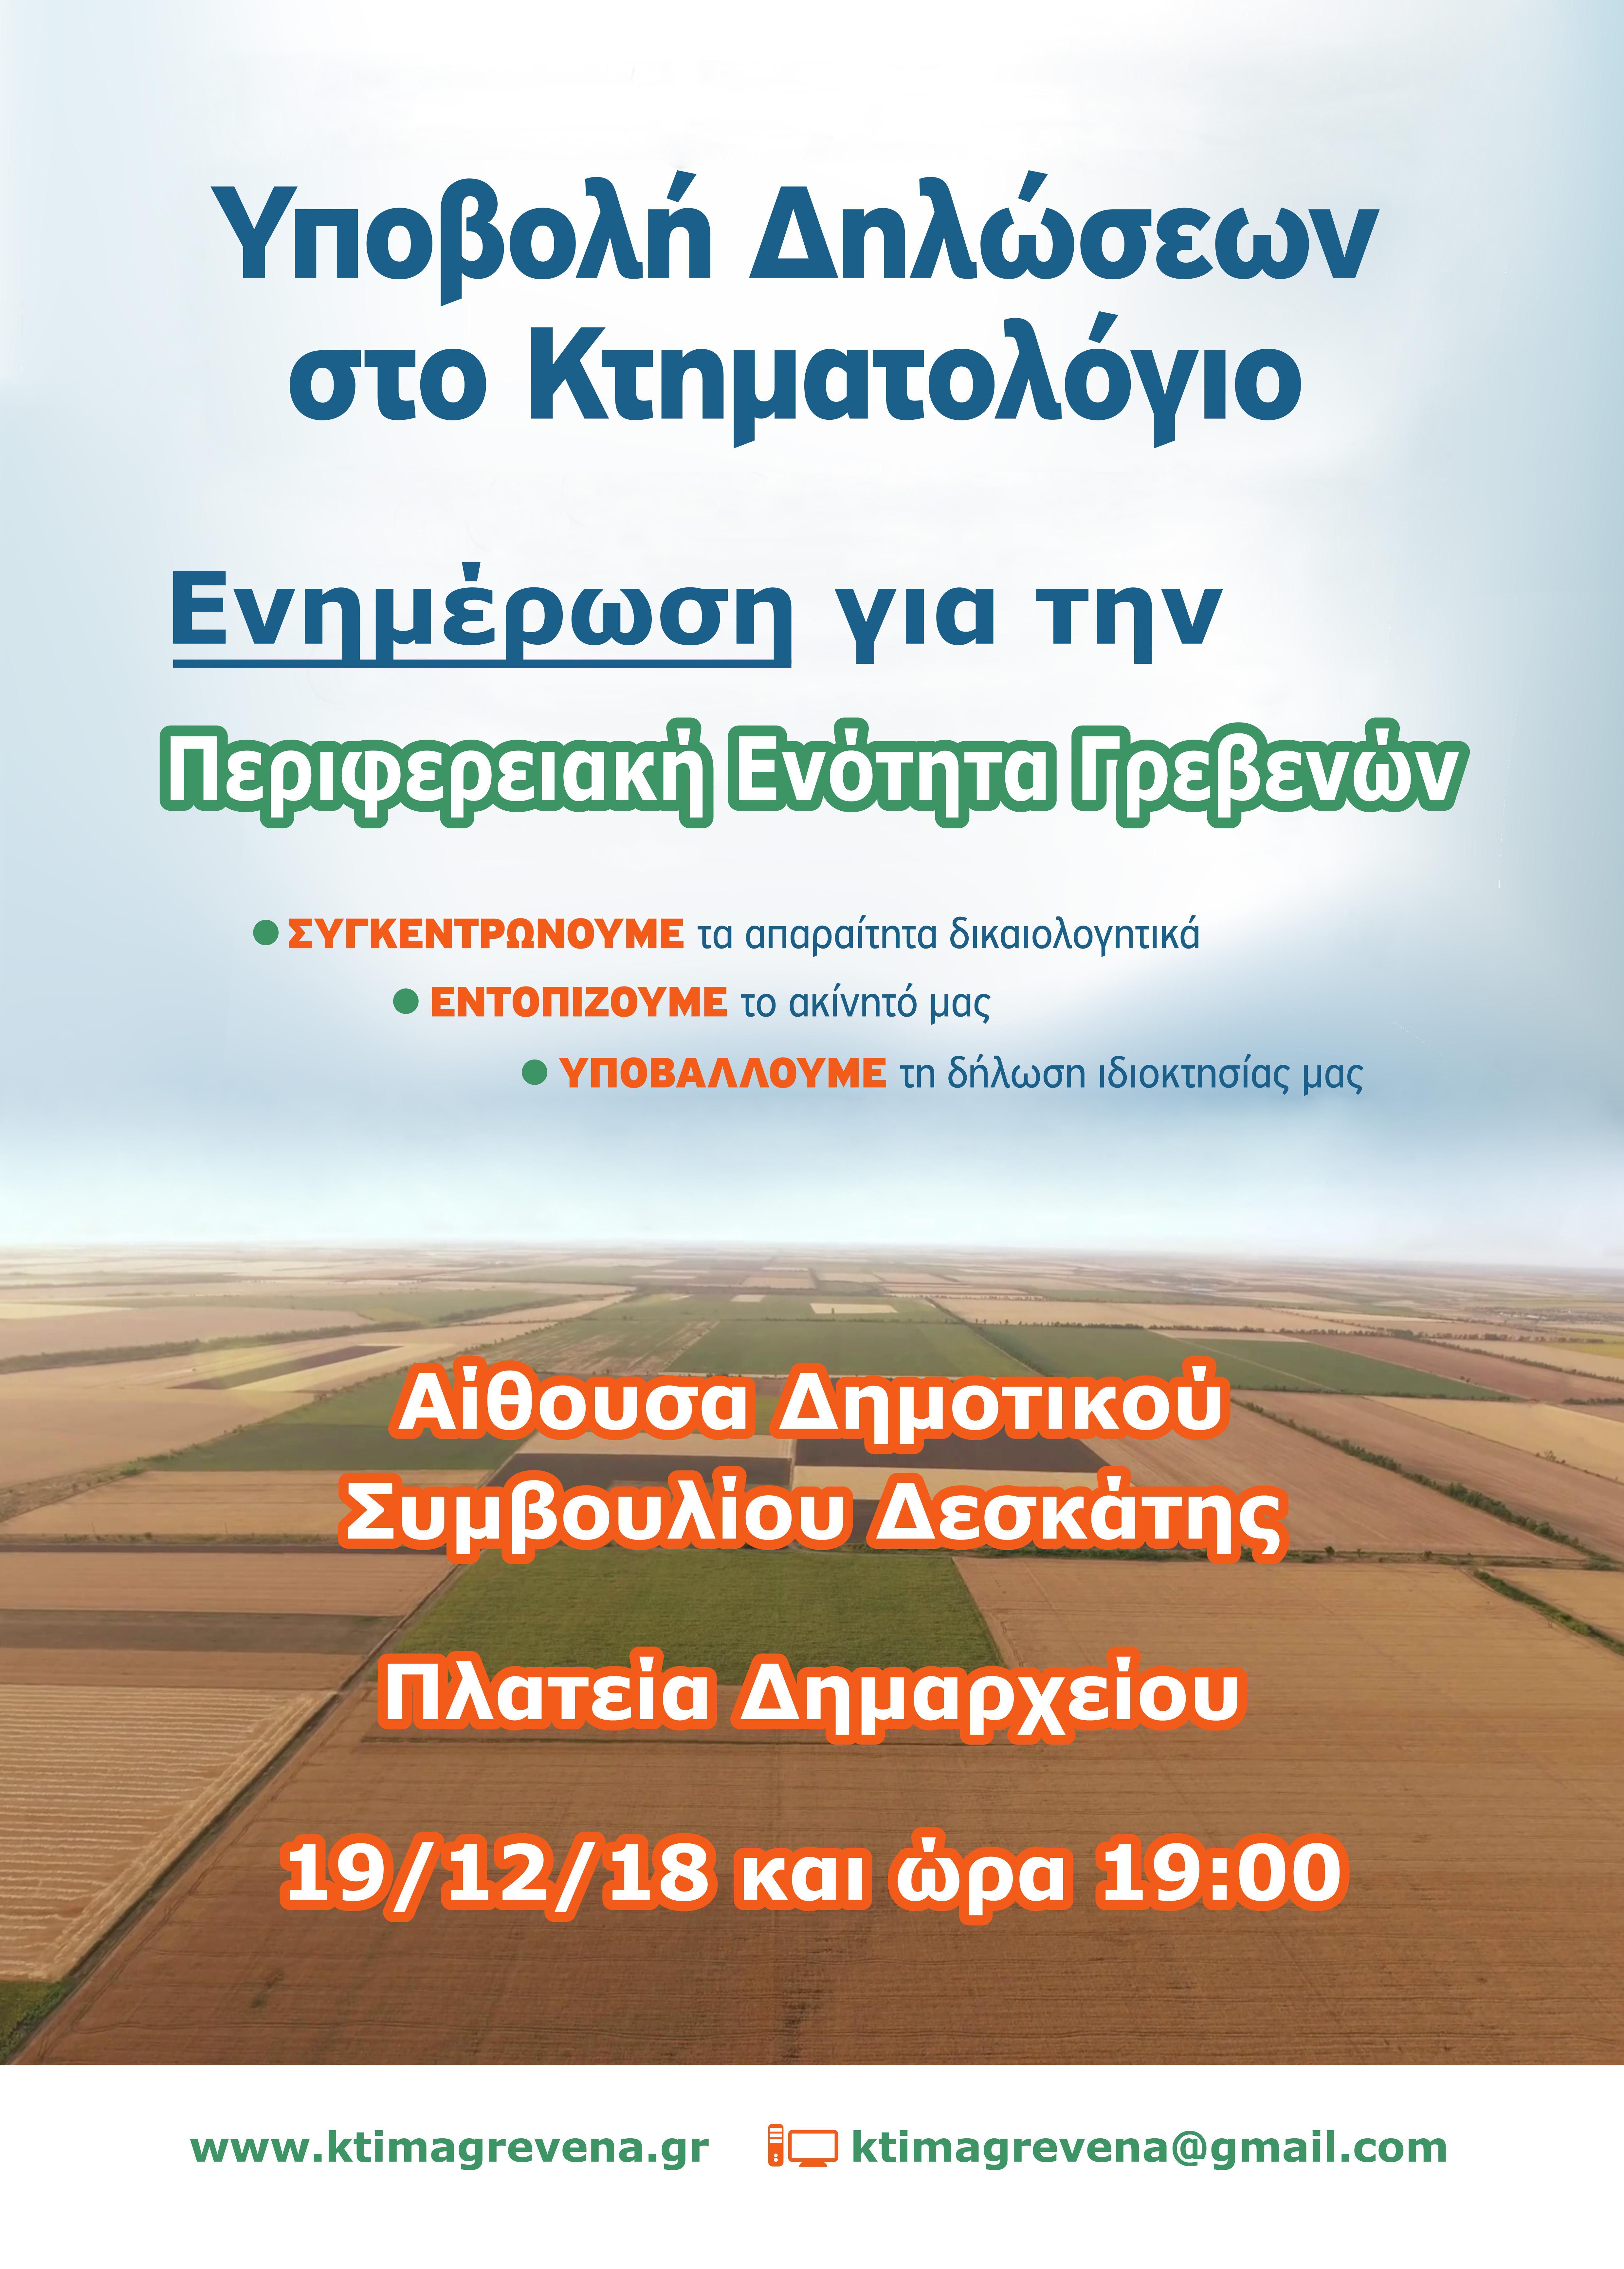 Ενημέρωση για το Κτηματολόγιο στο Δήμο Δεσκάτης